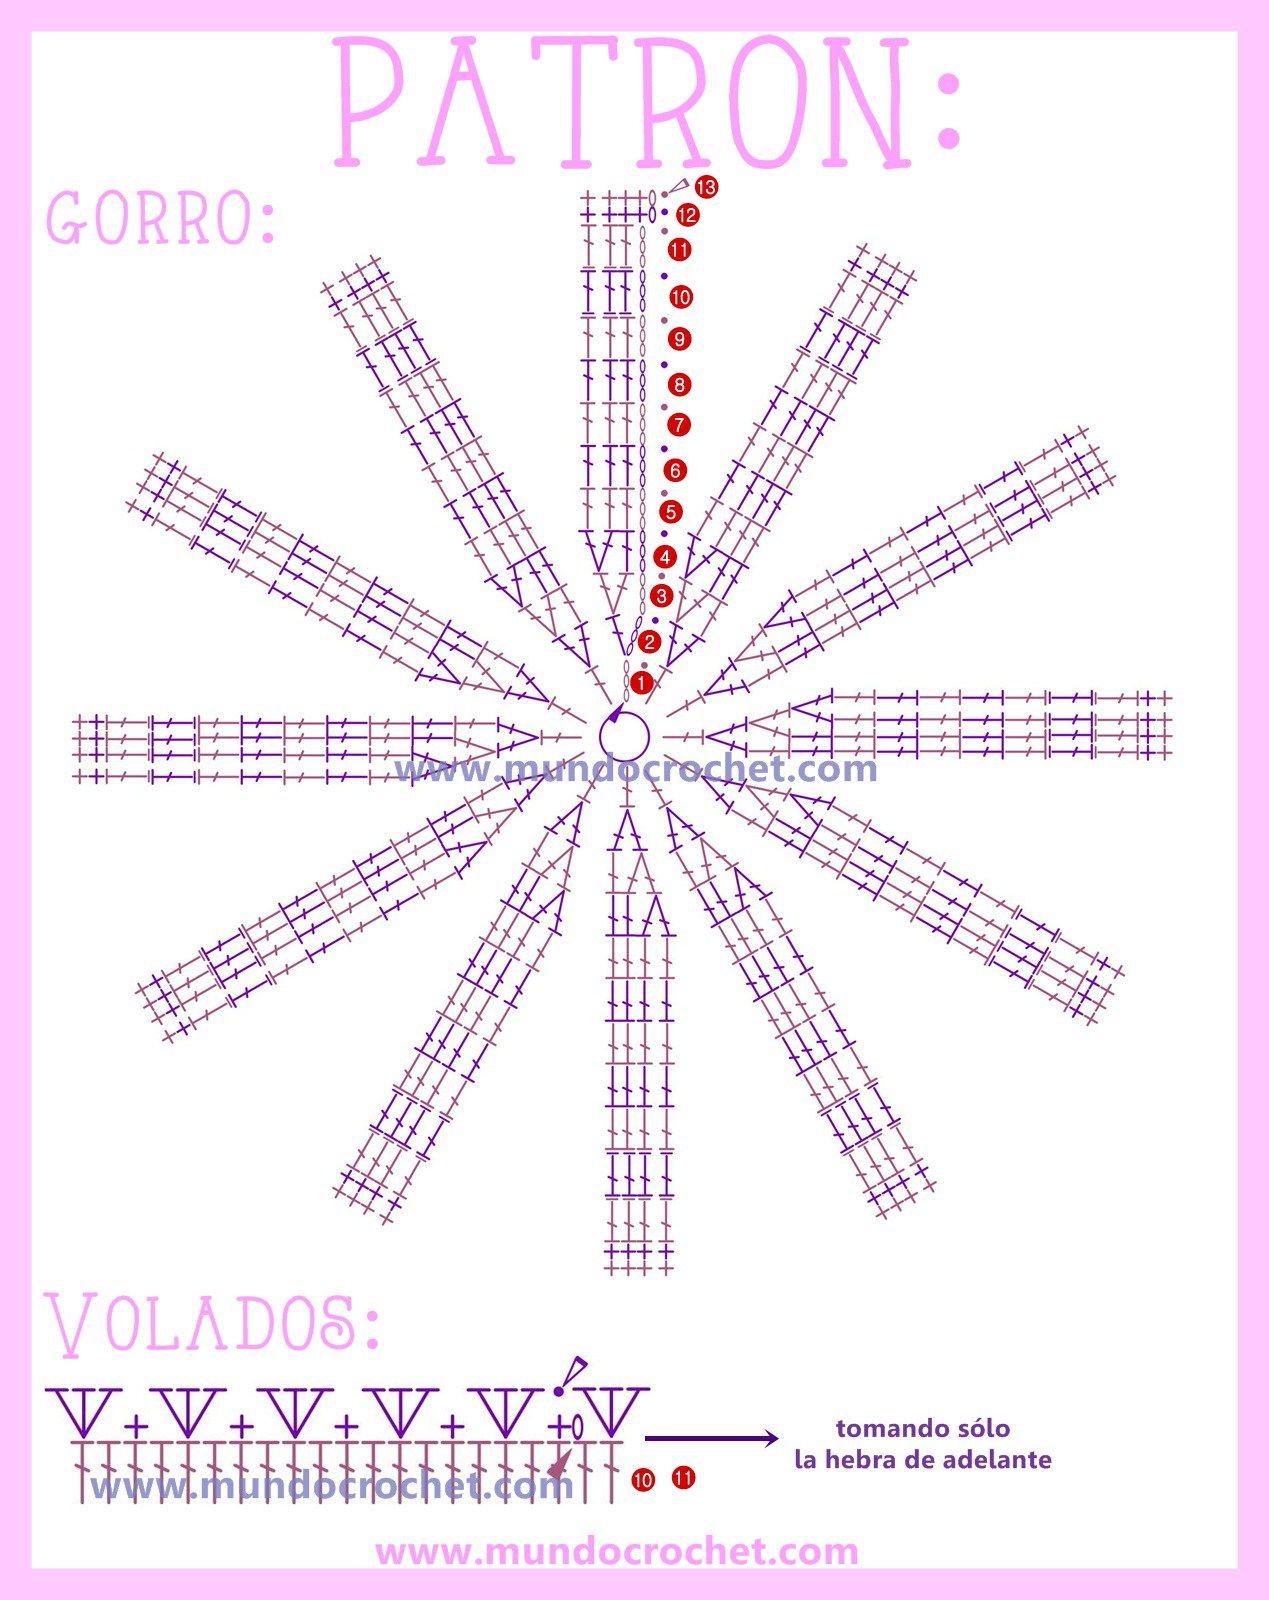 gorras a crochet con patrones - Google Search | Gorros crochet ...